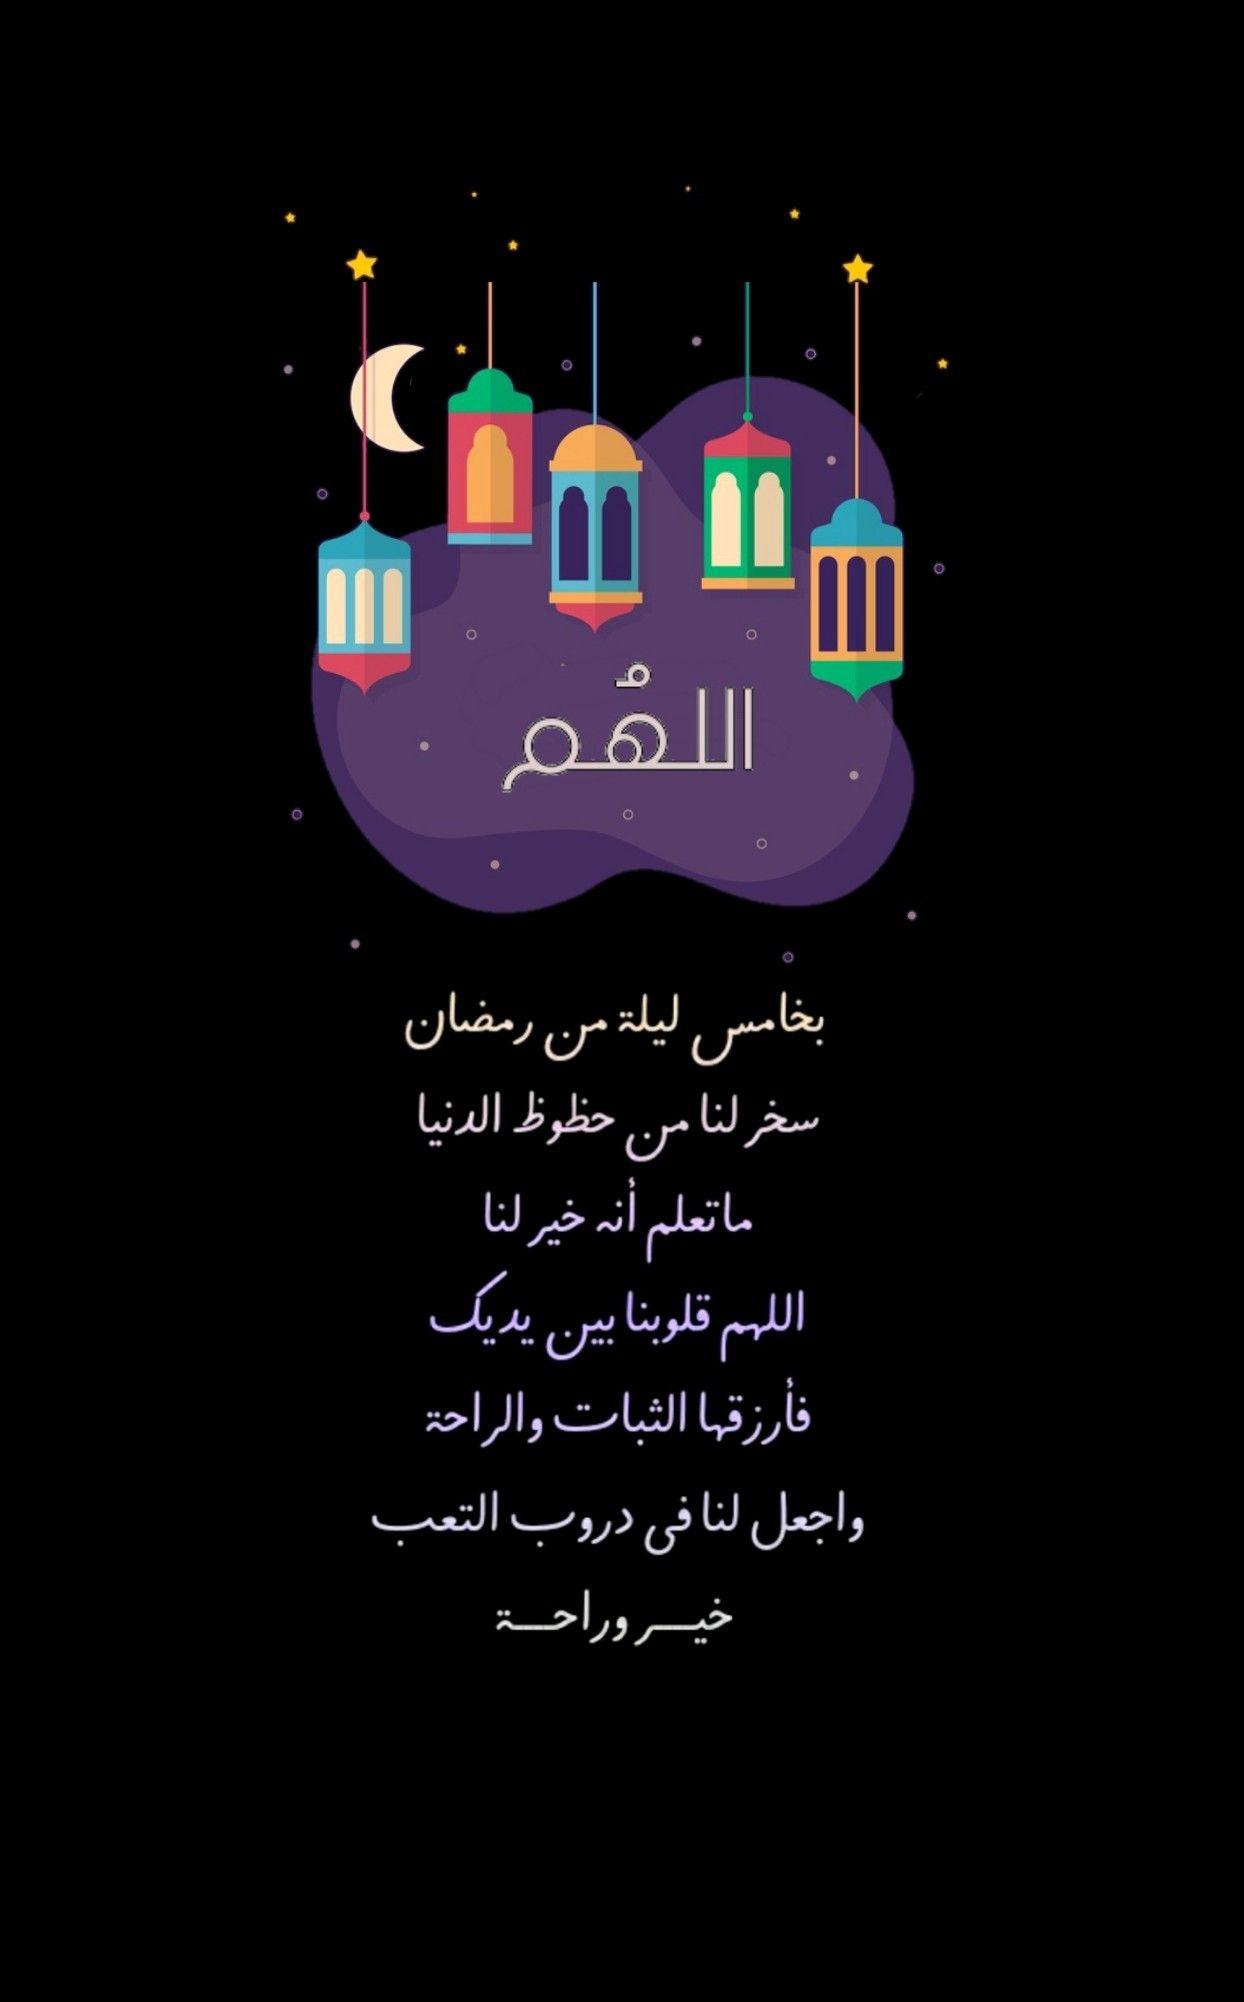 الله م بخامس ليلة من رمضان سخر لنا من حظوظ الدنيا ماتعلم أنه خير لنا اللهم قلوبنا بين يديك فأرزقها الثبات Ramadan Greetings Sunday Morning Quotes Ramadan